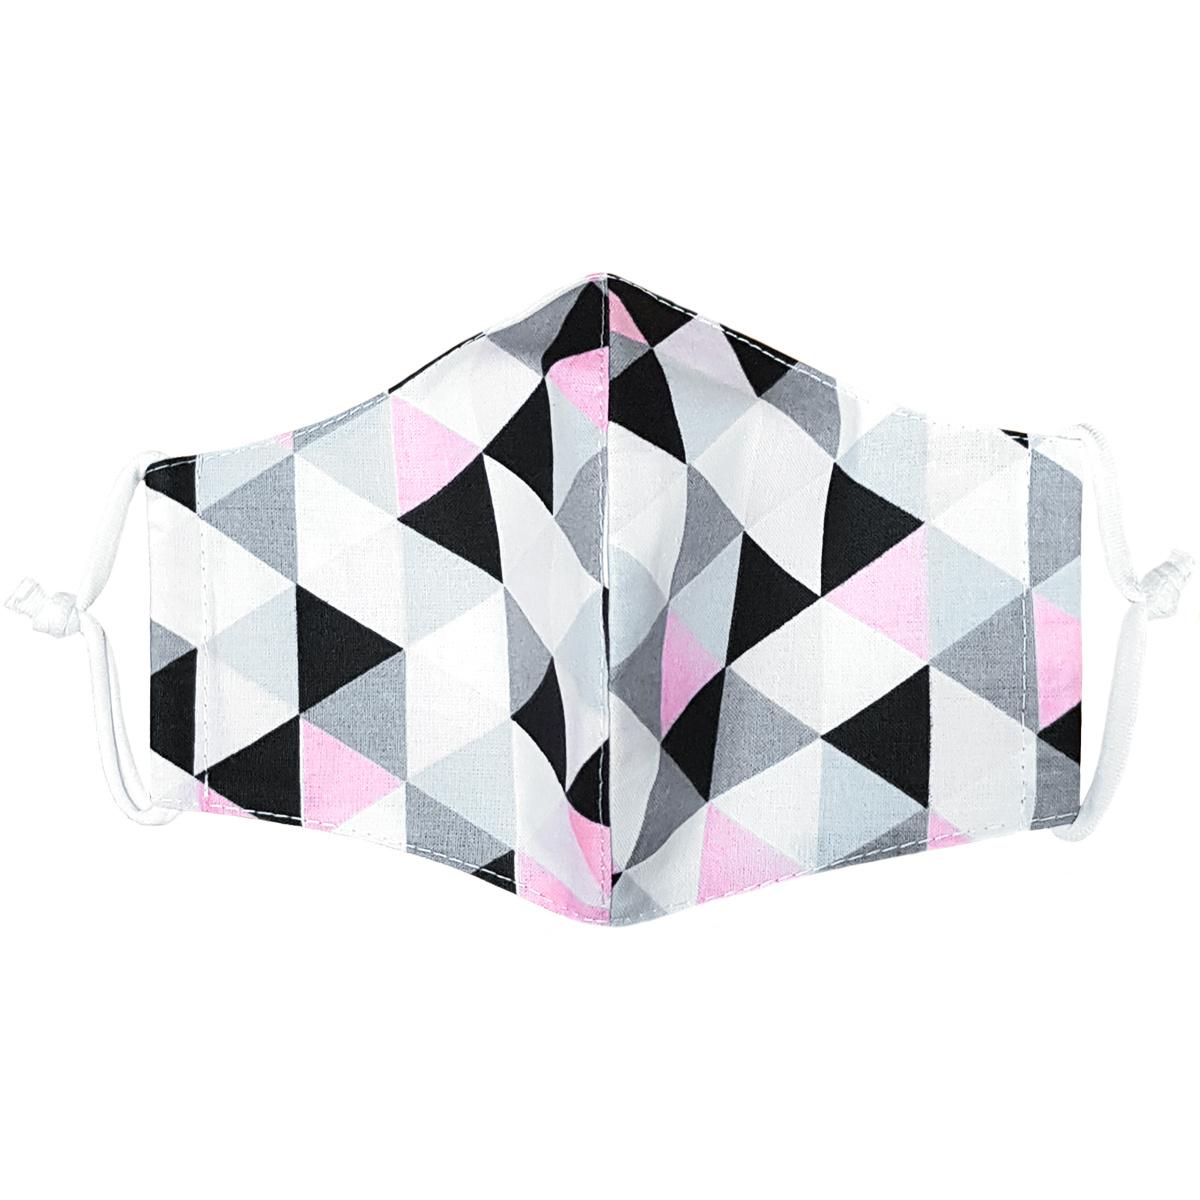 Ústne bavlnené rúško Triangle ružovo-sivá - deti 3 - 6 rokov, XS (3 - 6 rokov)